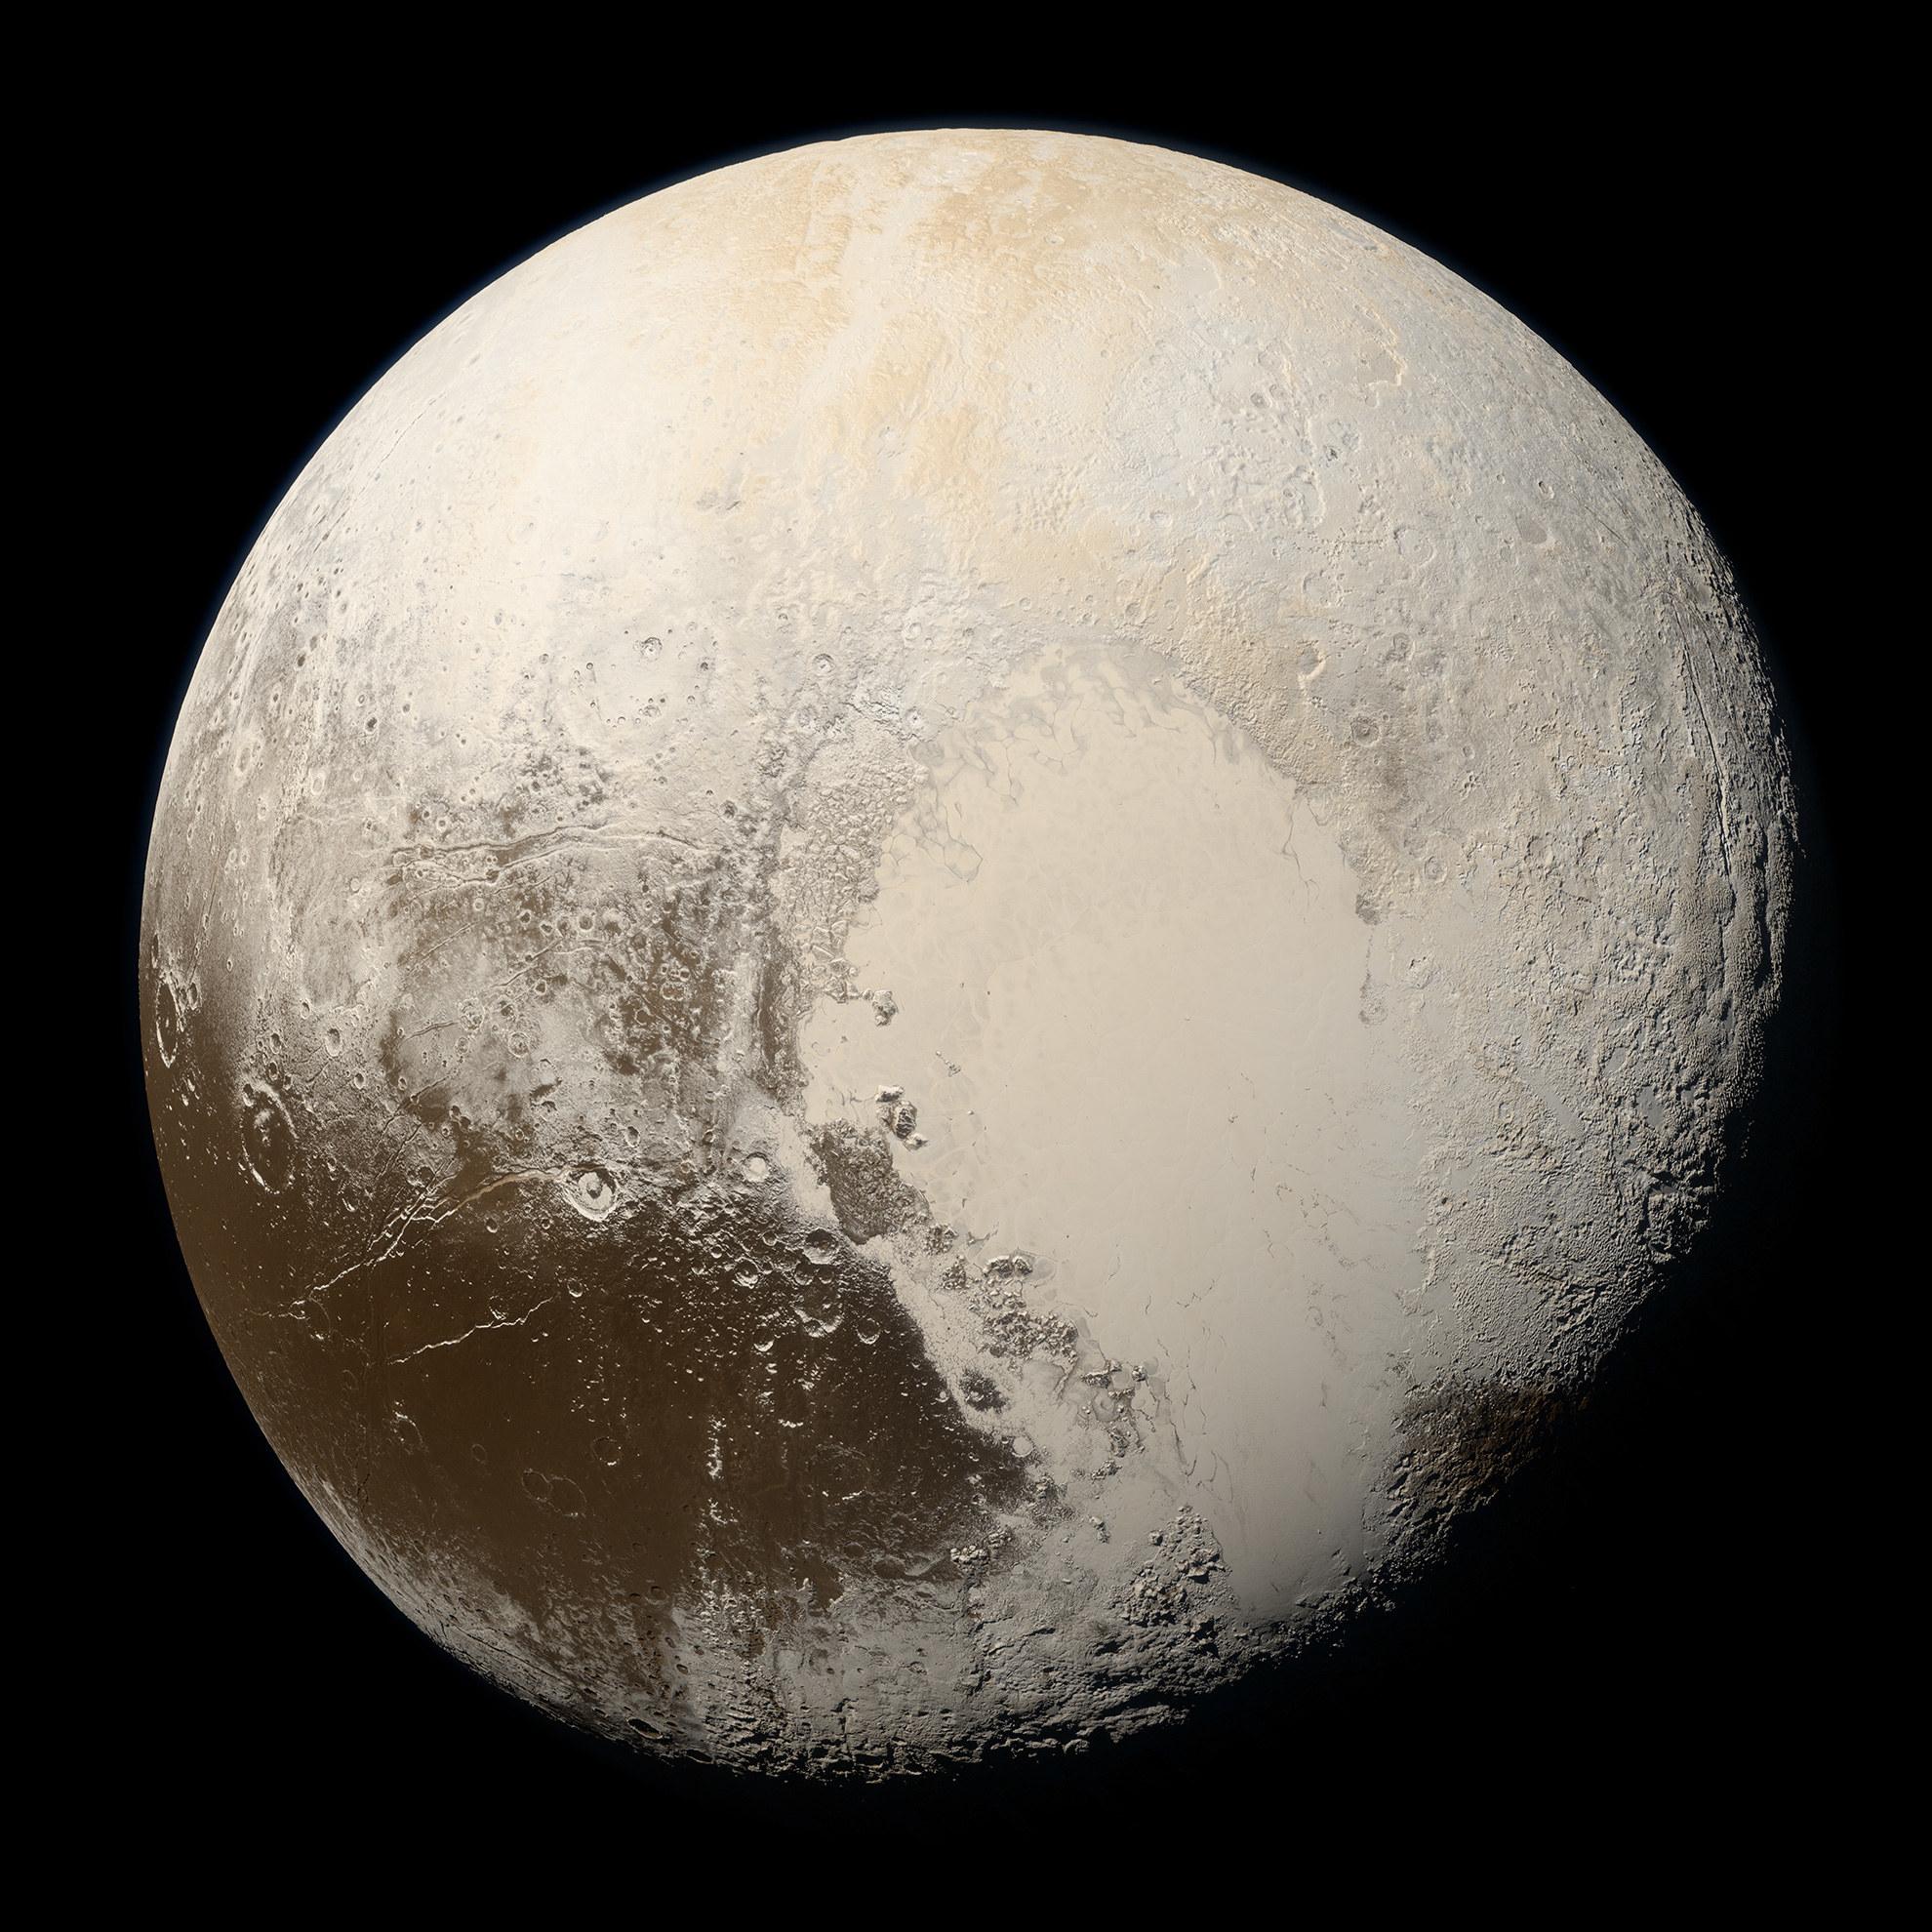 A close-up of Pluto